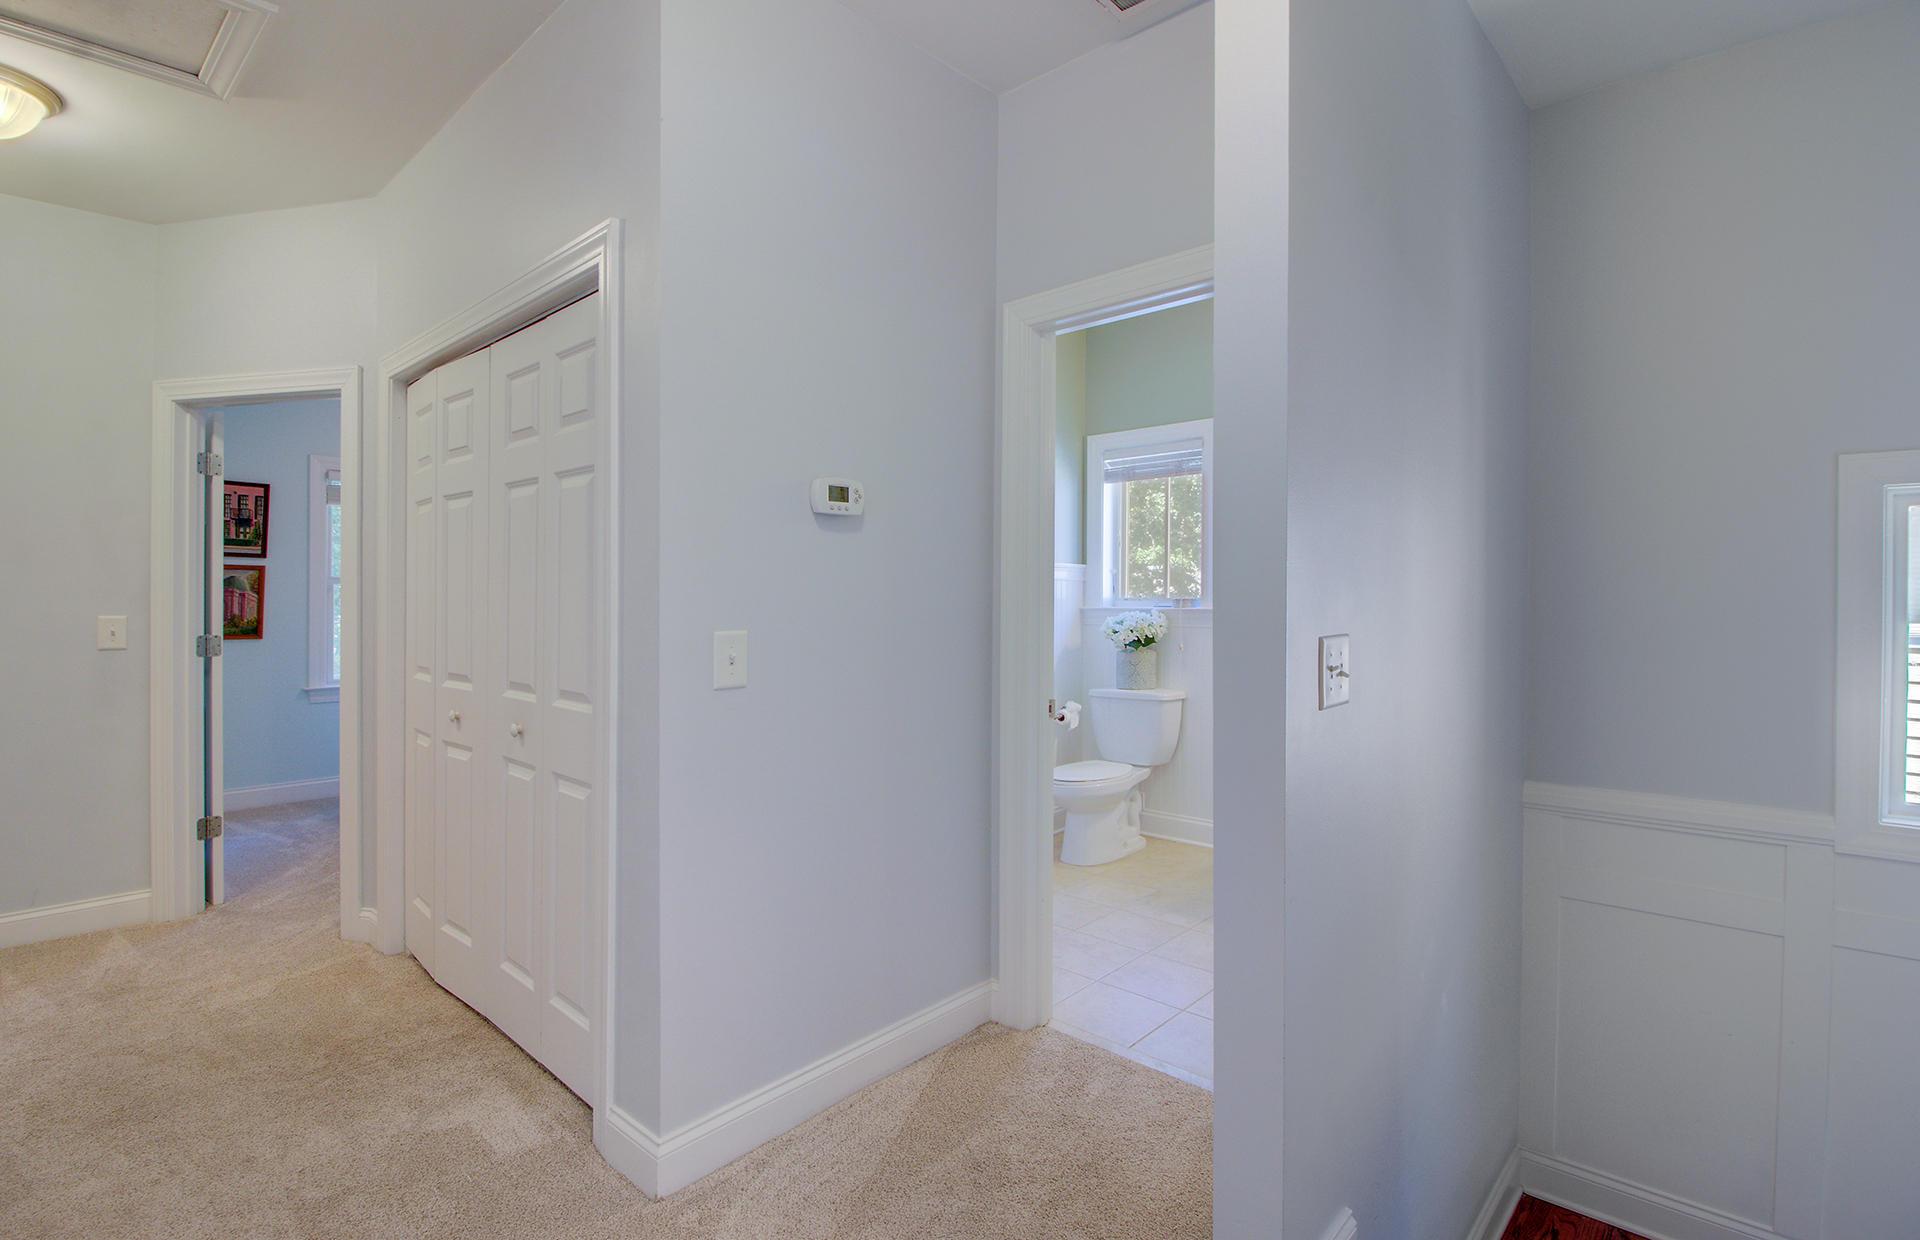 Phillips Park Homes For Sale - 1129 Phillips Park, Mount Pleasant, SC - 6